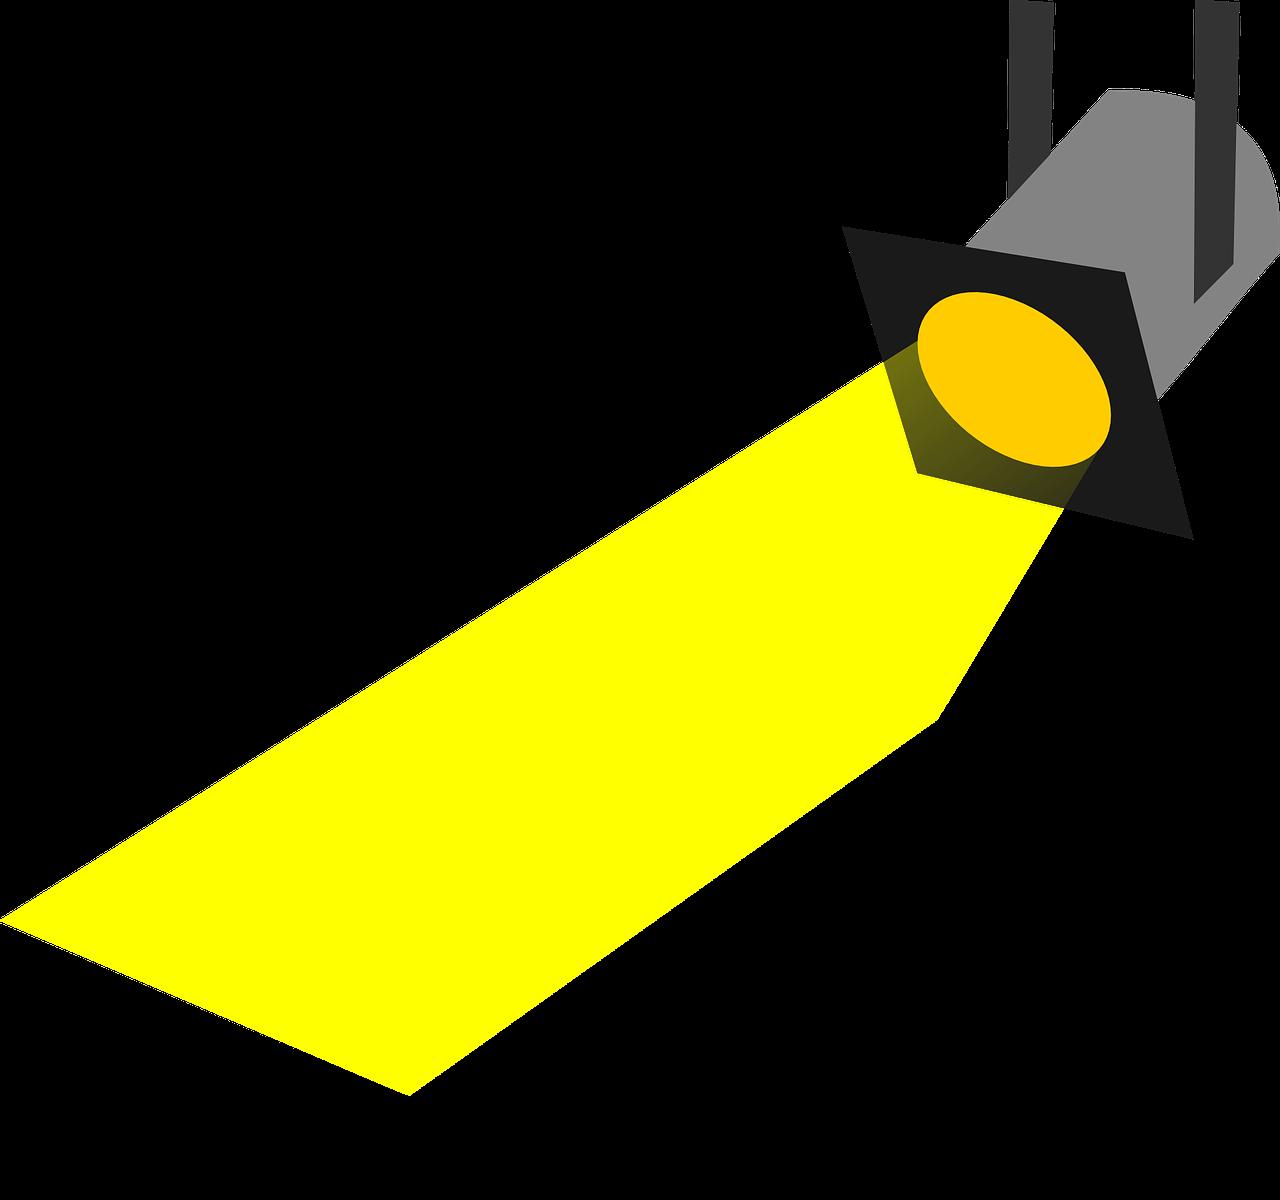 beauty spot light. Flashlight clipart spotlight